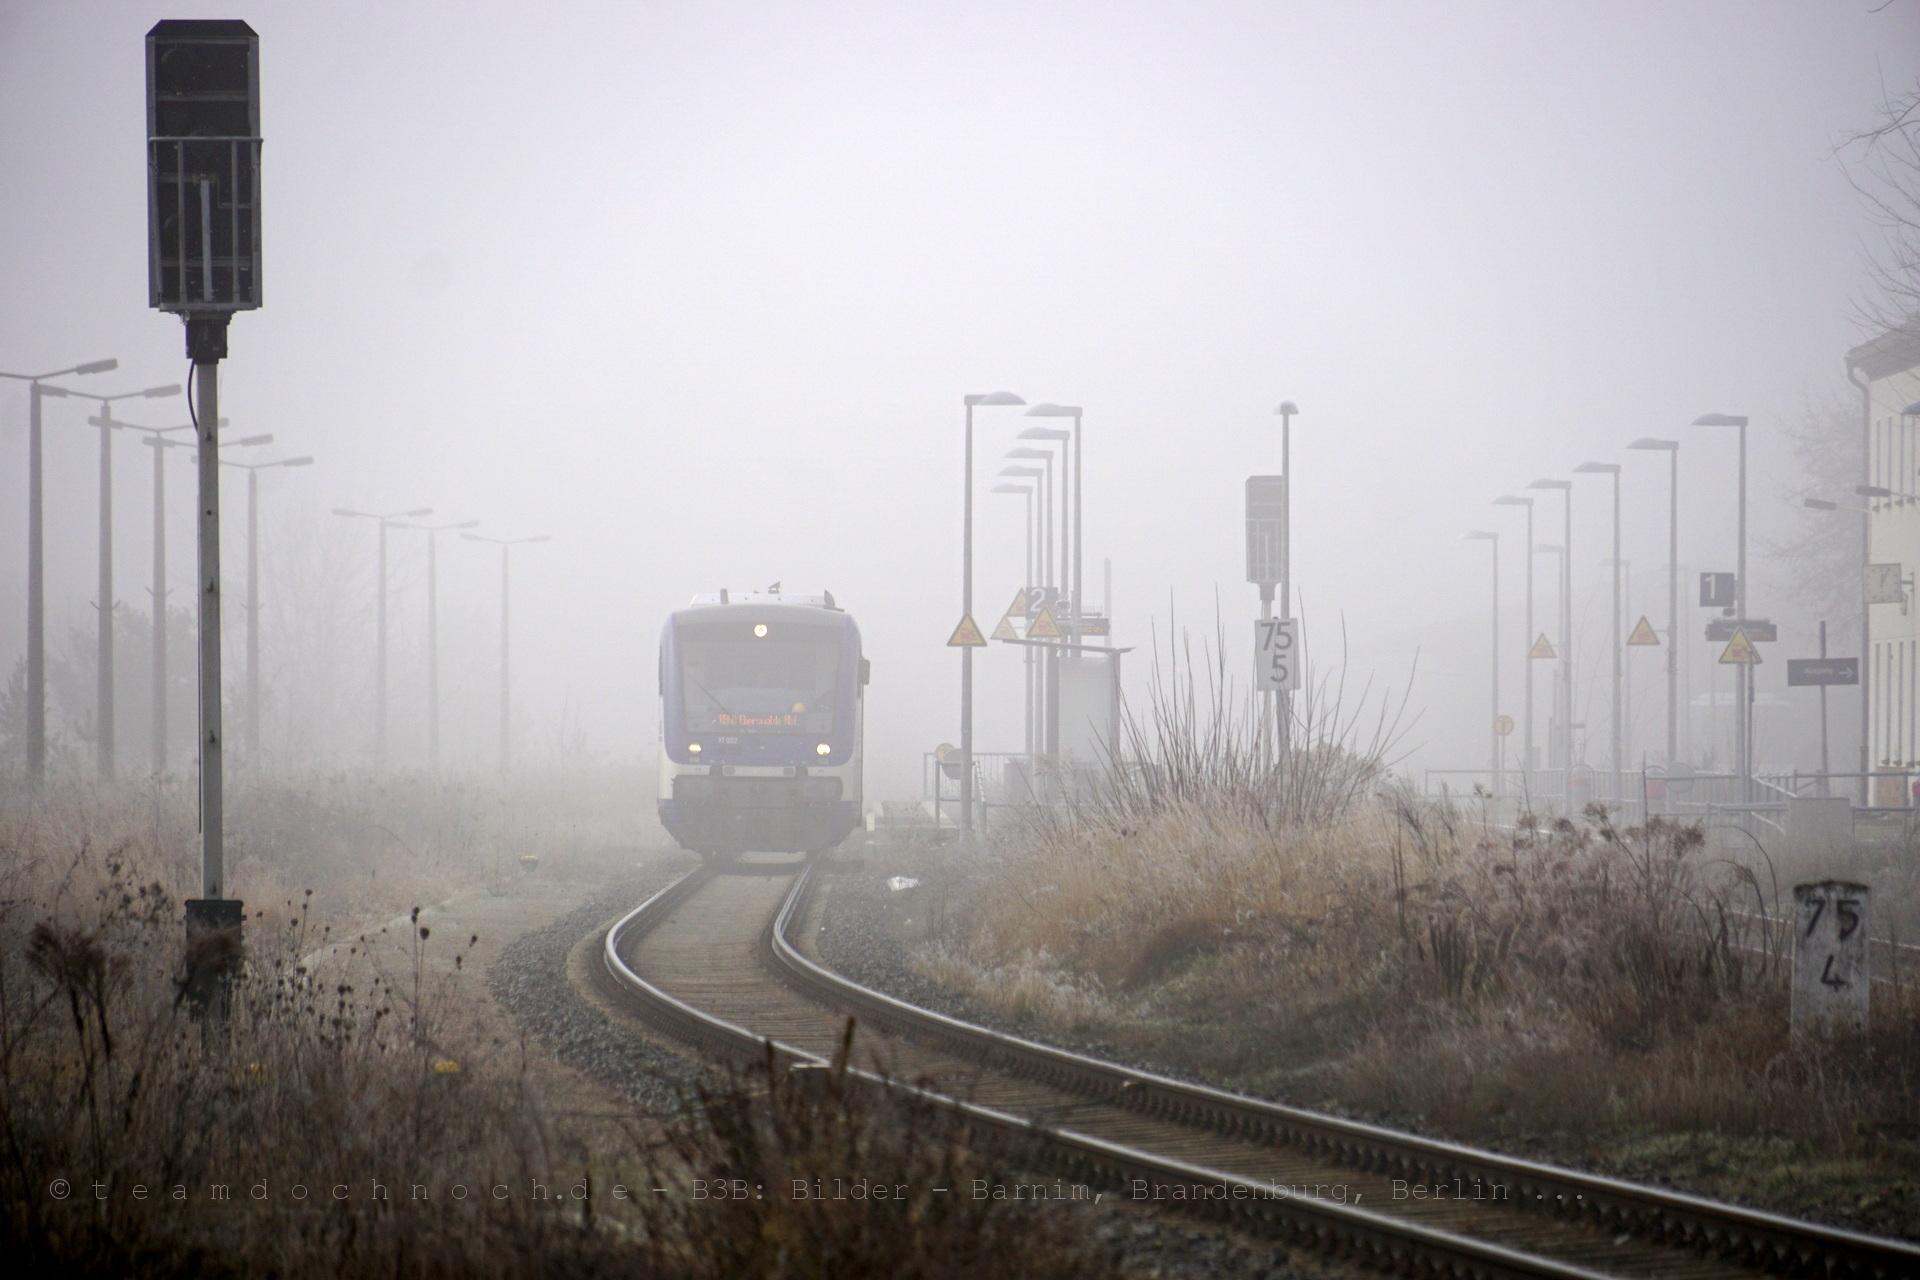 VT002 der NEB wartet als RB60 nach Eberswalde im vernebelten Bahnhof Wriezen